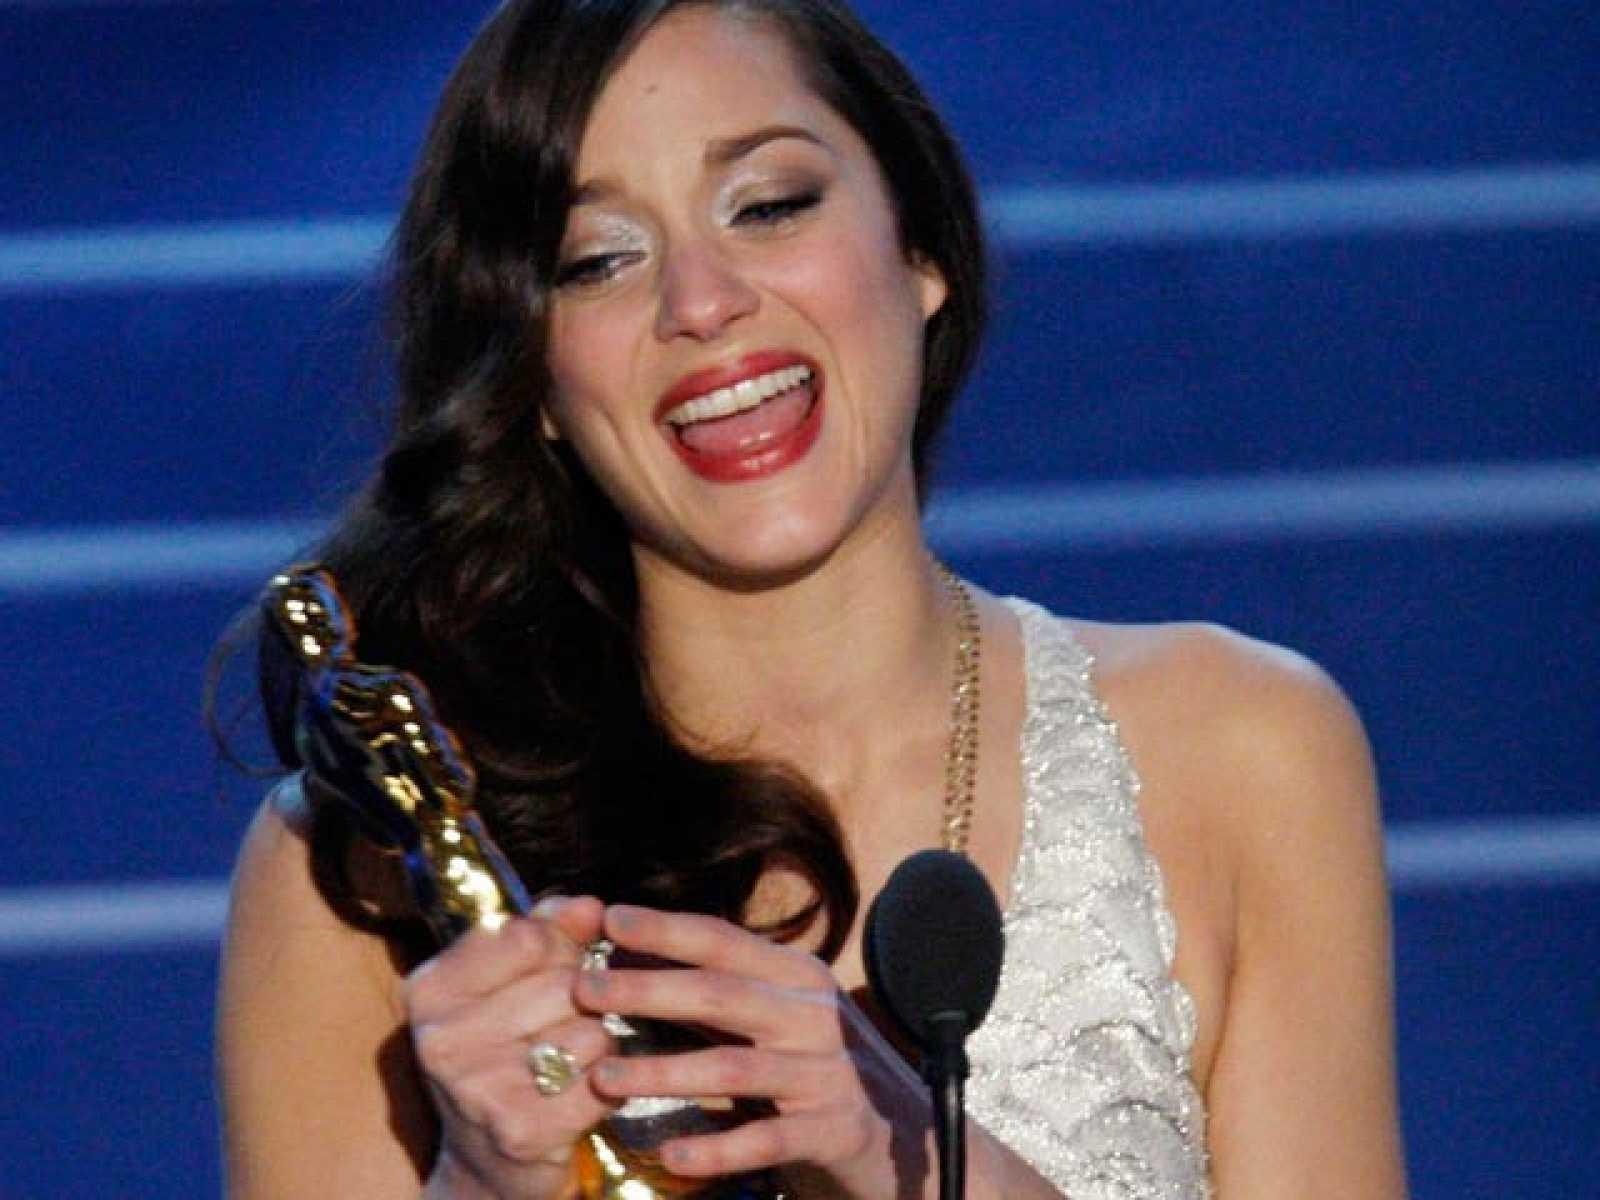 Marion Cotillard Consigue El Oscar En 2007 Por La Vida En Rosa